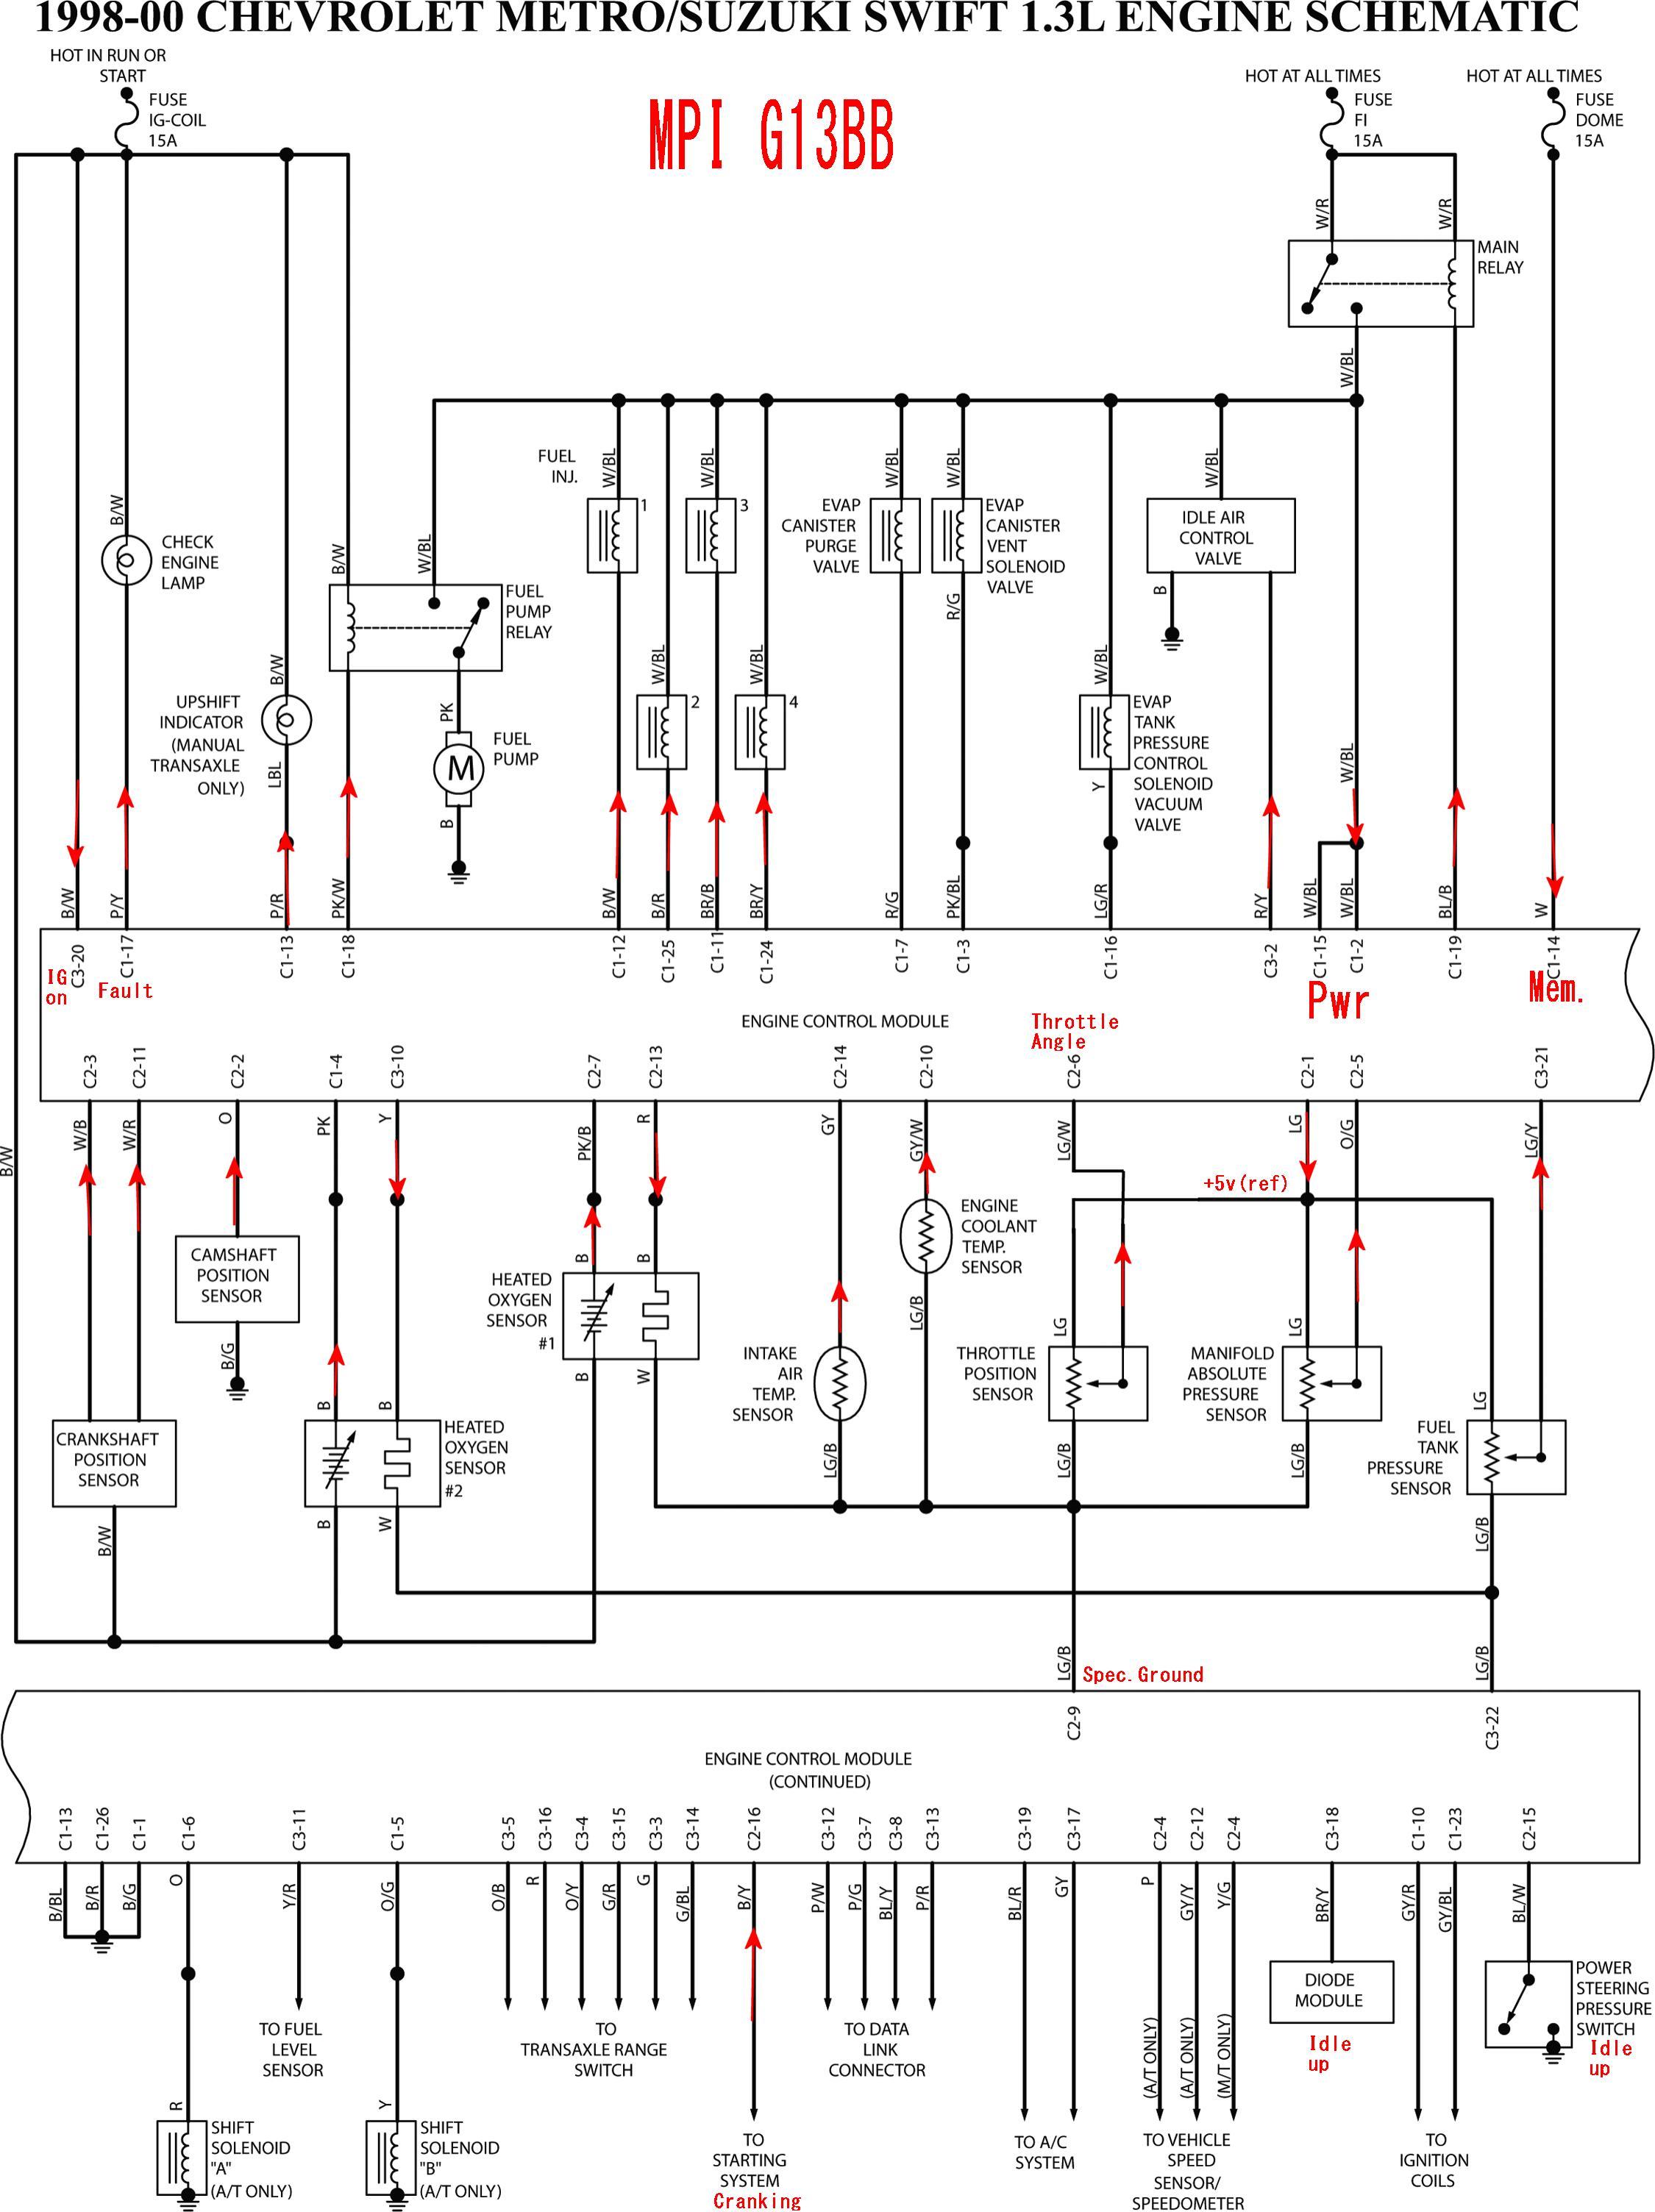 under dash diagram schematic 95 suzuki sidekick all about repair under dash diagram schematic suzuki sidekick suzuki sx4 wiring diagram nilzanet suzuki sx4 wiring diagram